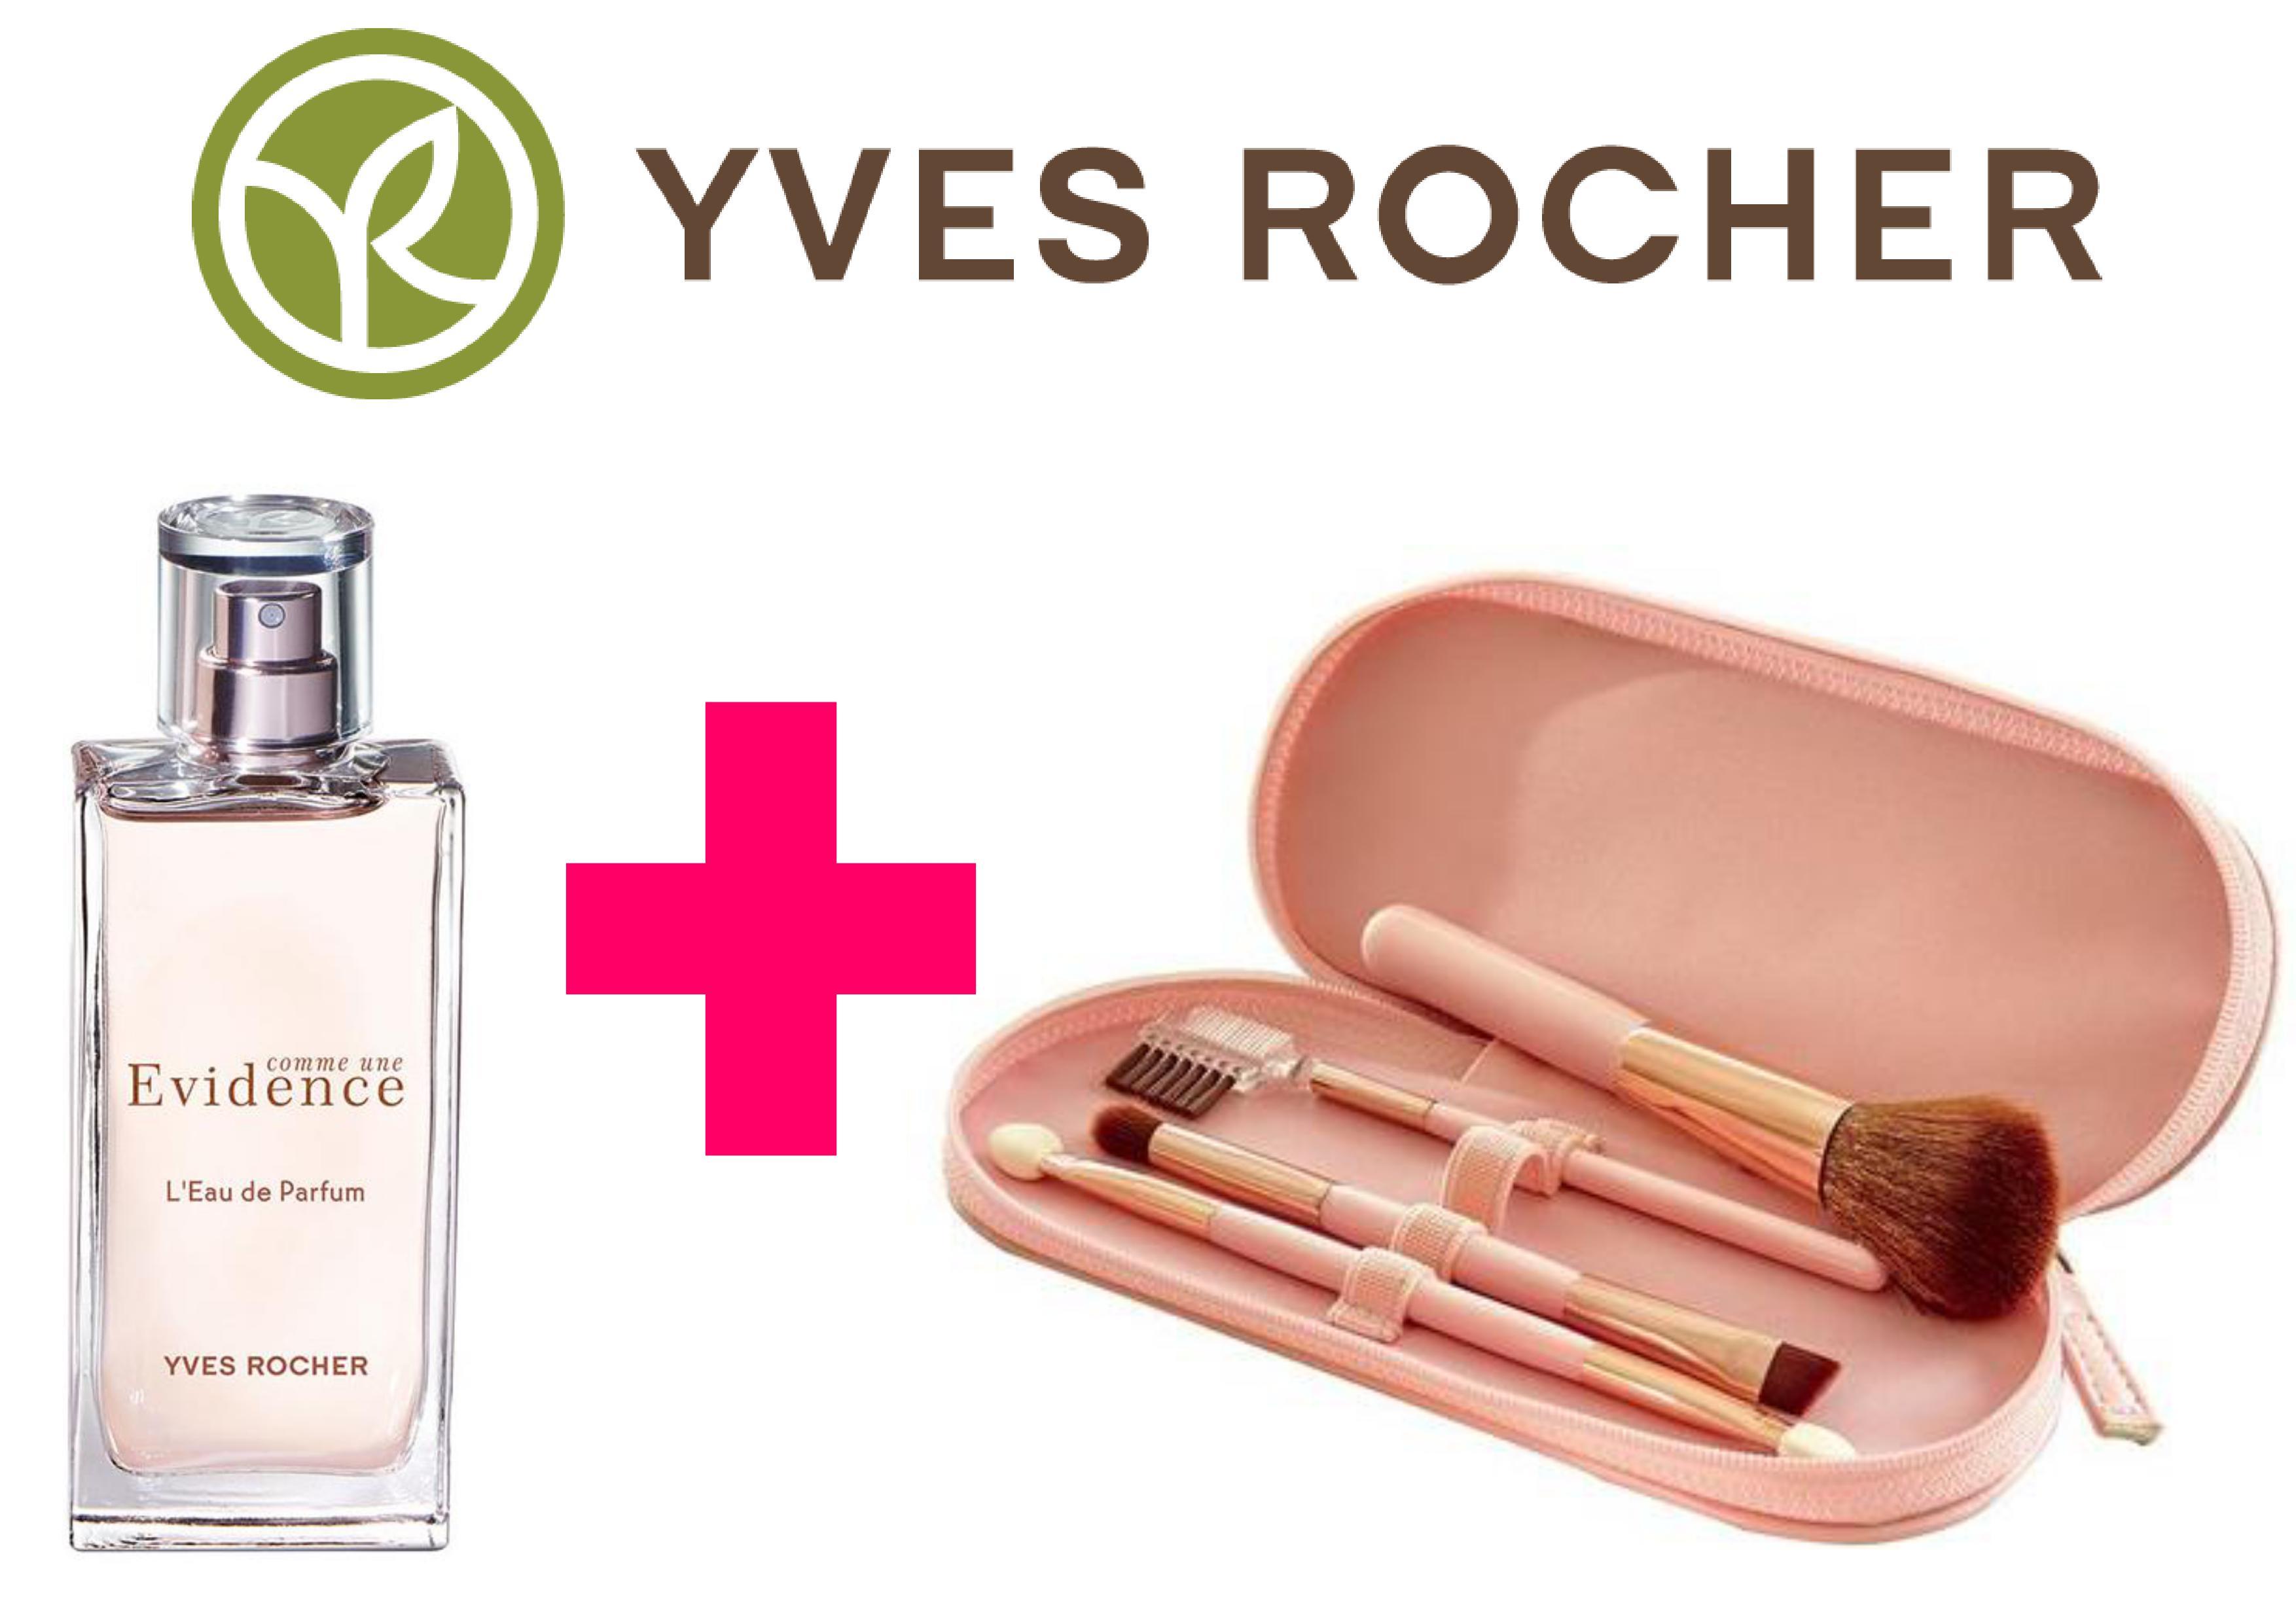 [Clients uniquement] Parfum comme une Evidence 50ml (39,80€) + Trousse de 4 pinceaux + Livraison incluse